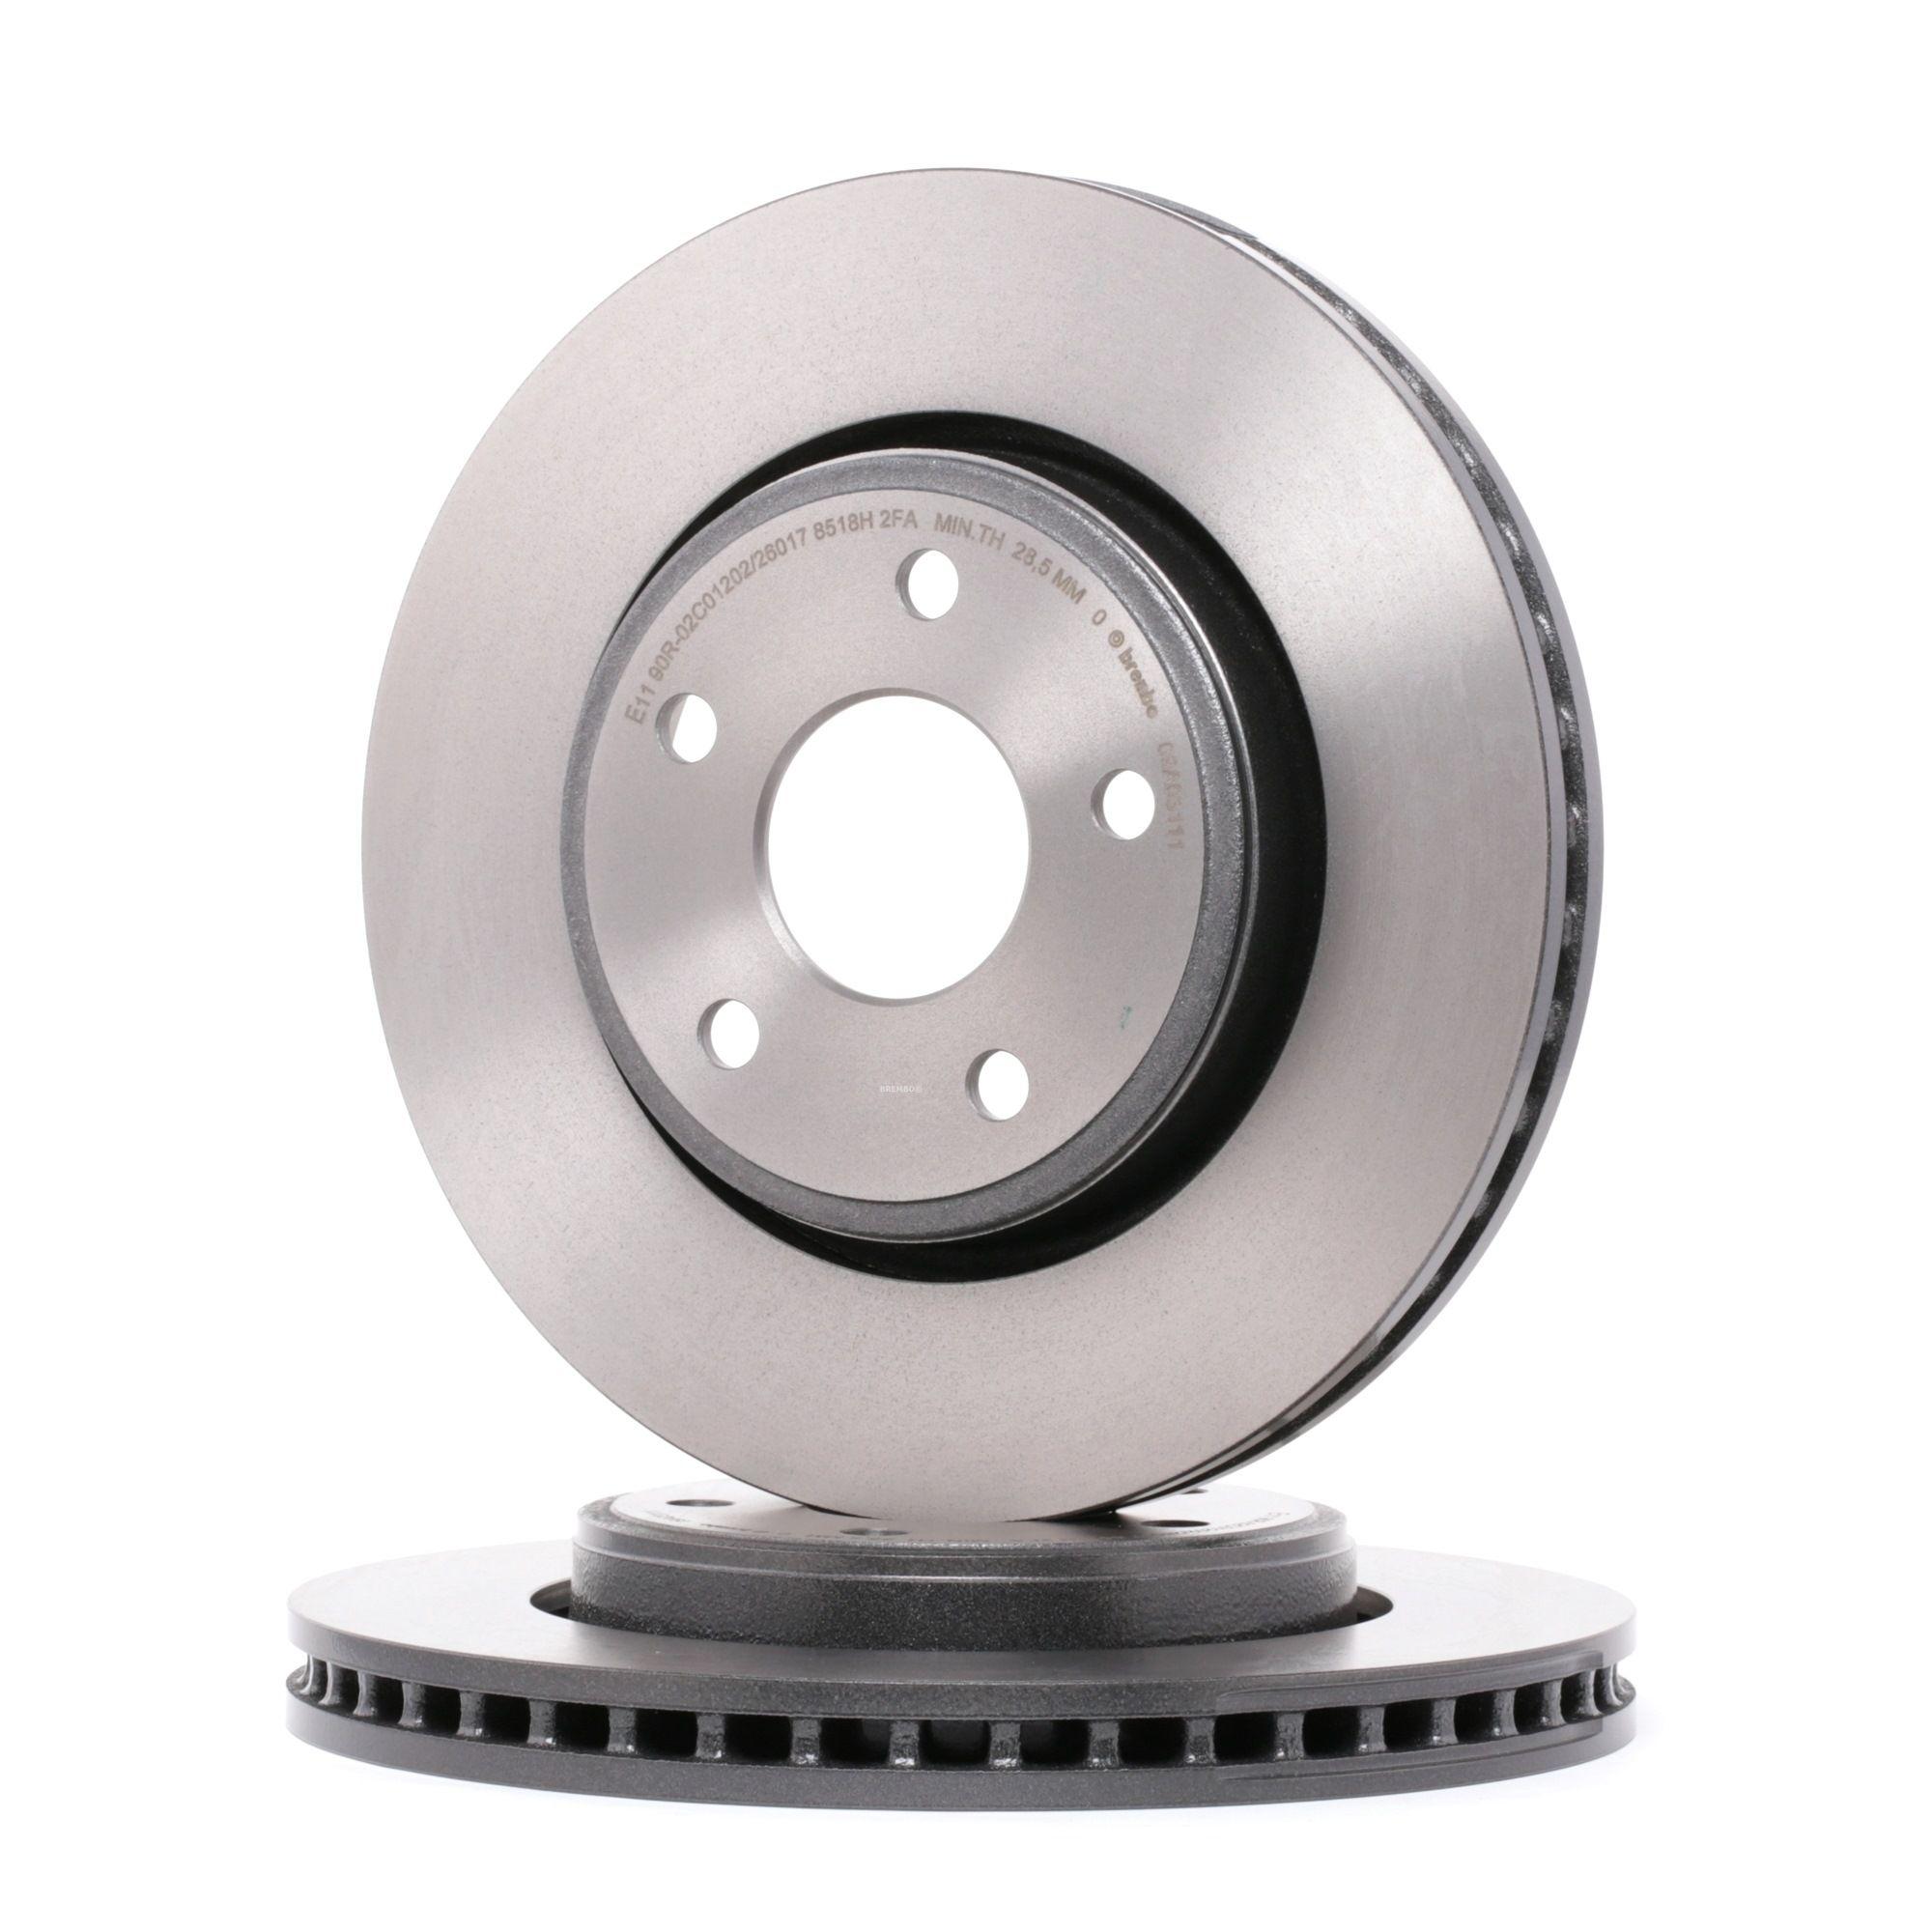 BREMBO 09.5802.21 (Ø: 259mm, Nbre de trous: 4, Épaisseur du disque de frein: 20,6mm) : Disque de frein sport Renault Kangoo kc01 2014